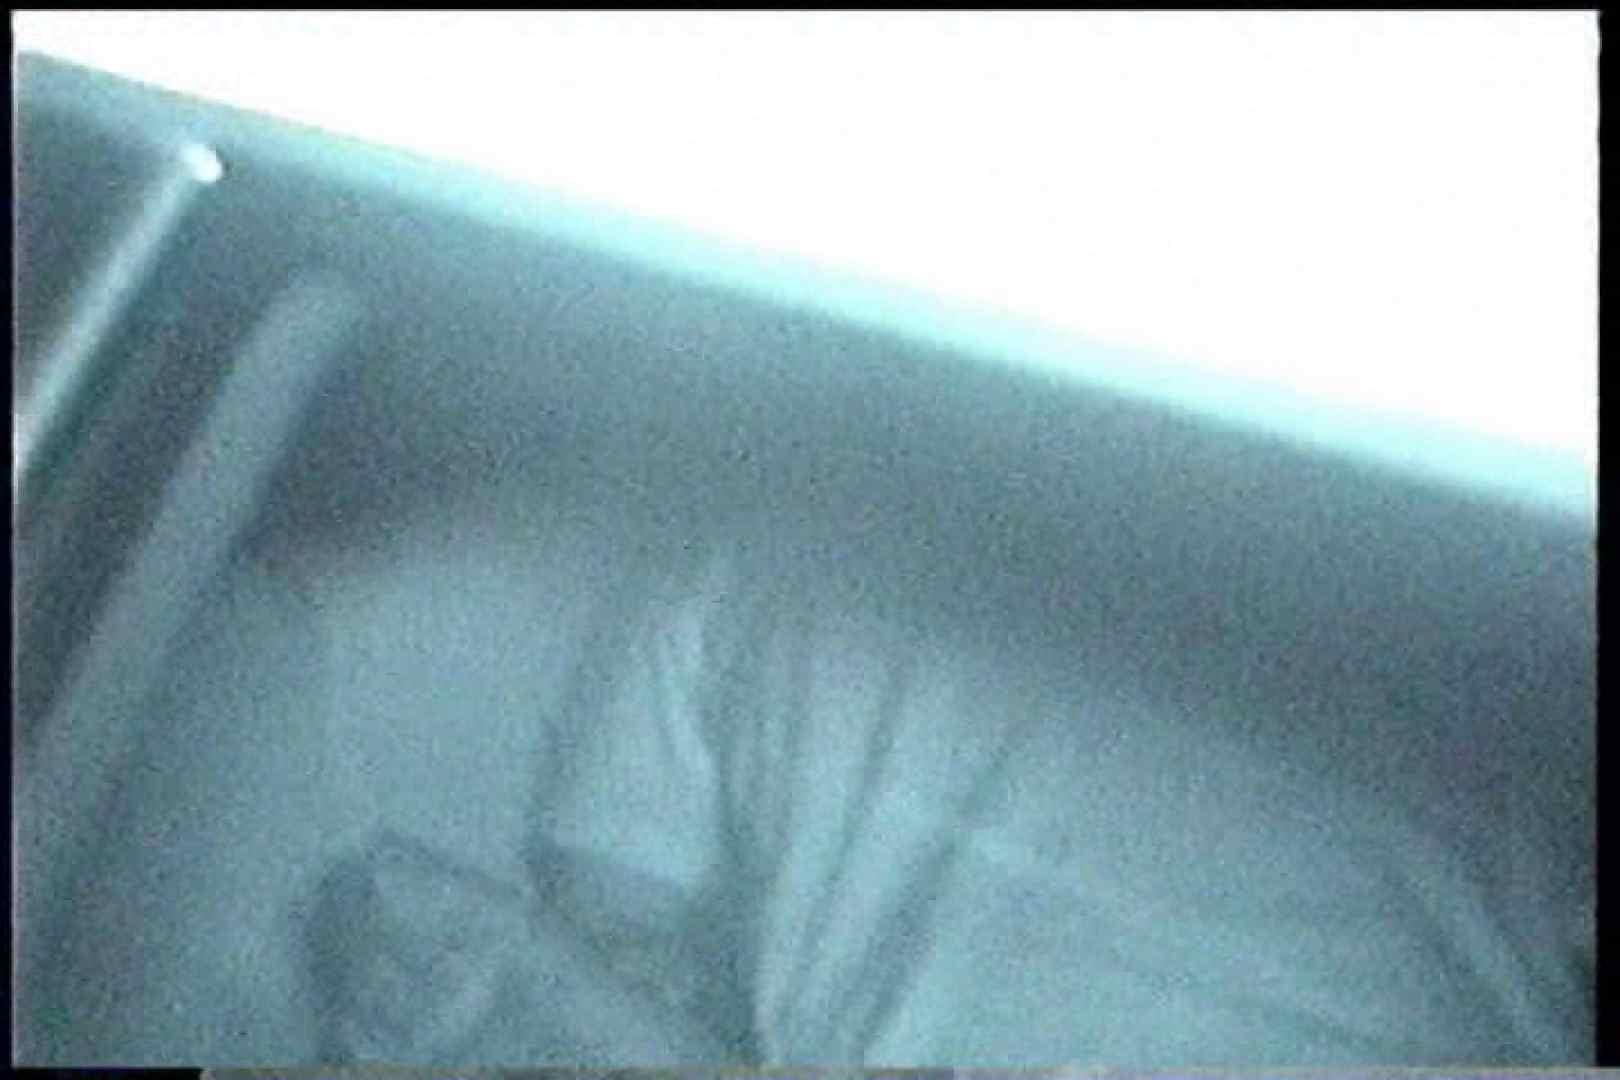 充血監督の深夜の運動会Vol.167 エロティックなOL おまんこ無修正動画無料 103画像 89